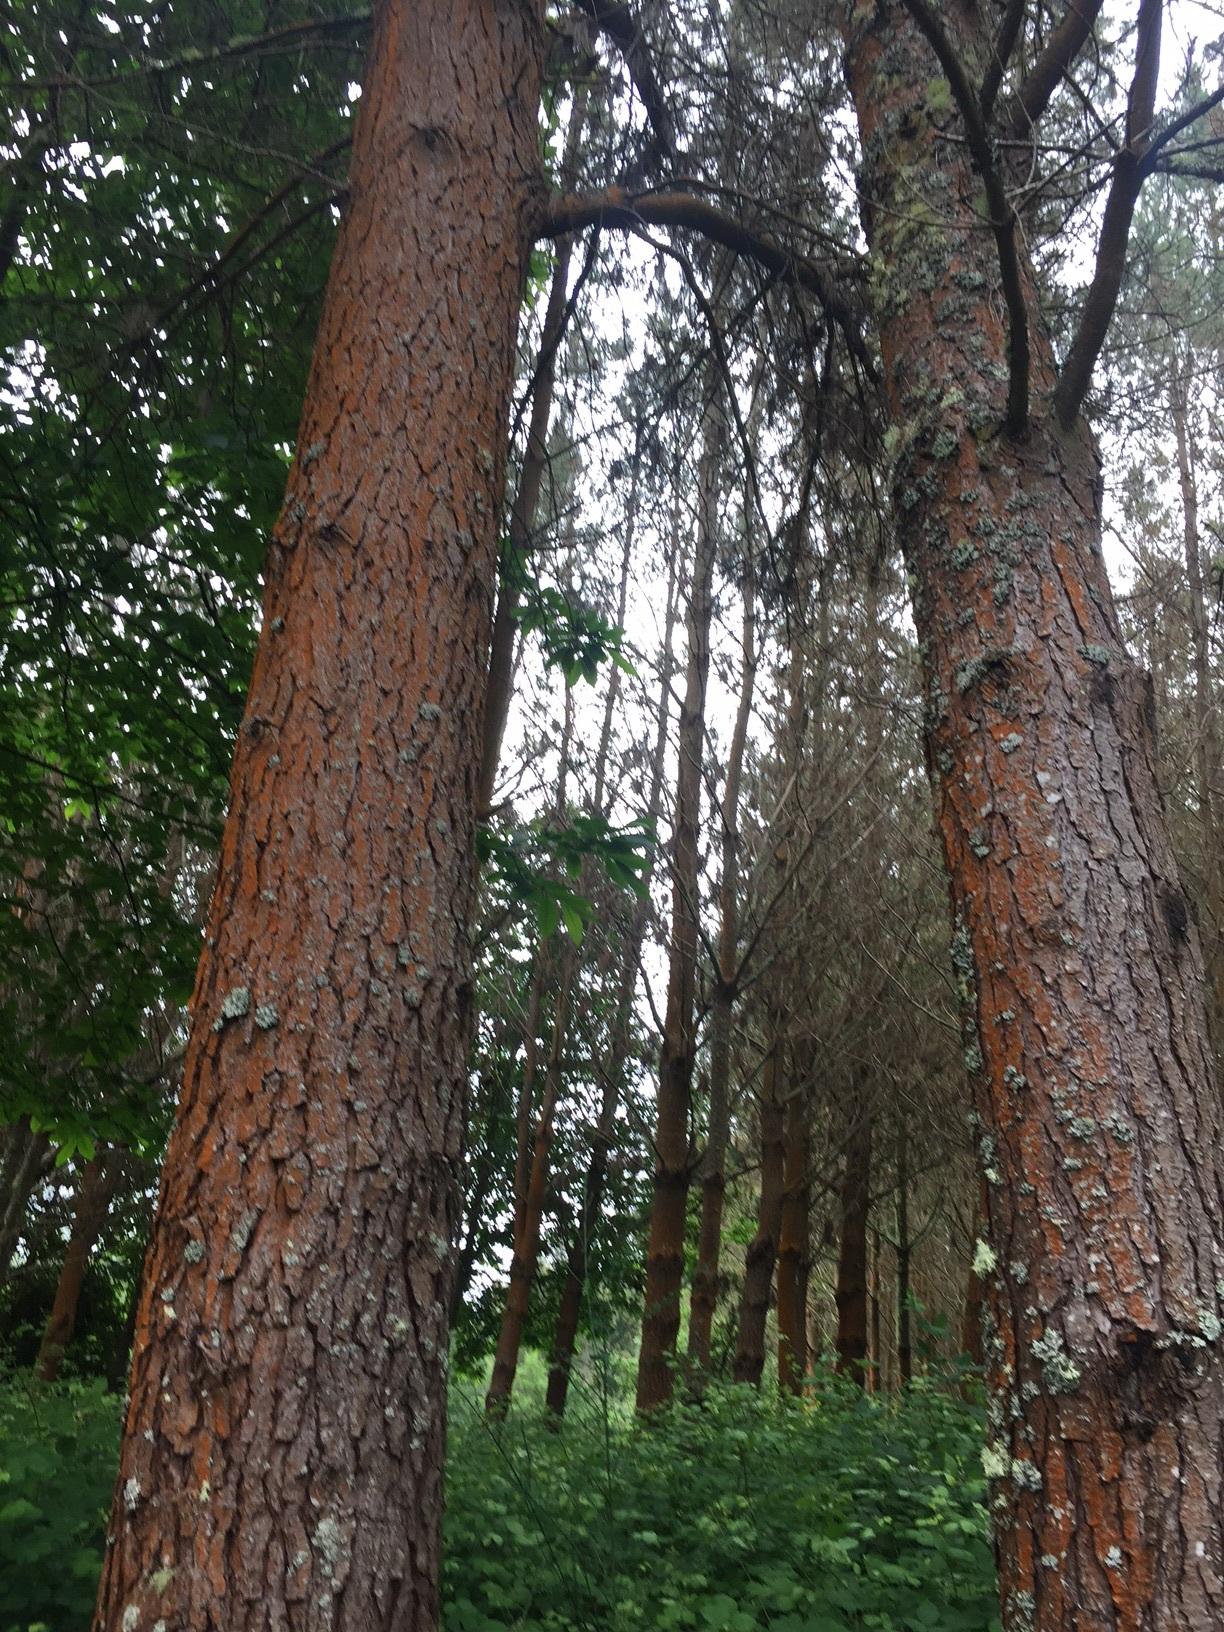 Orangewood forest